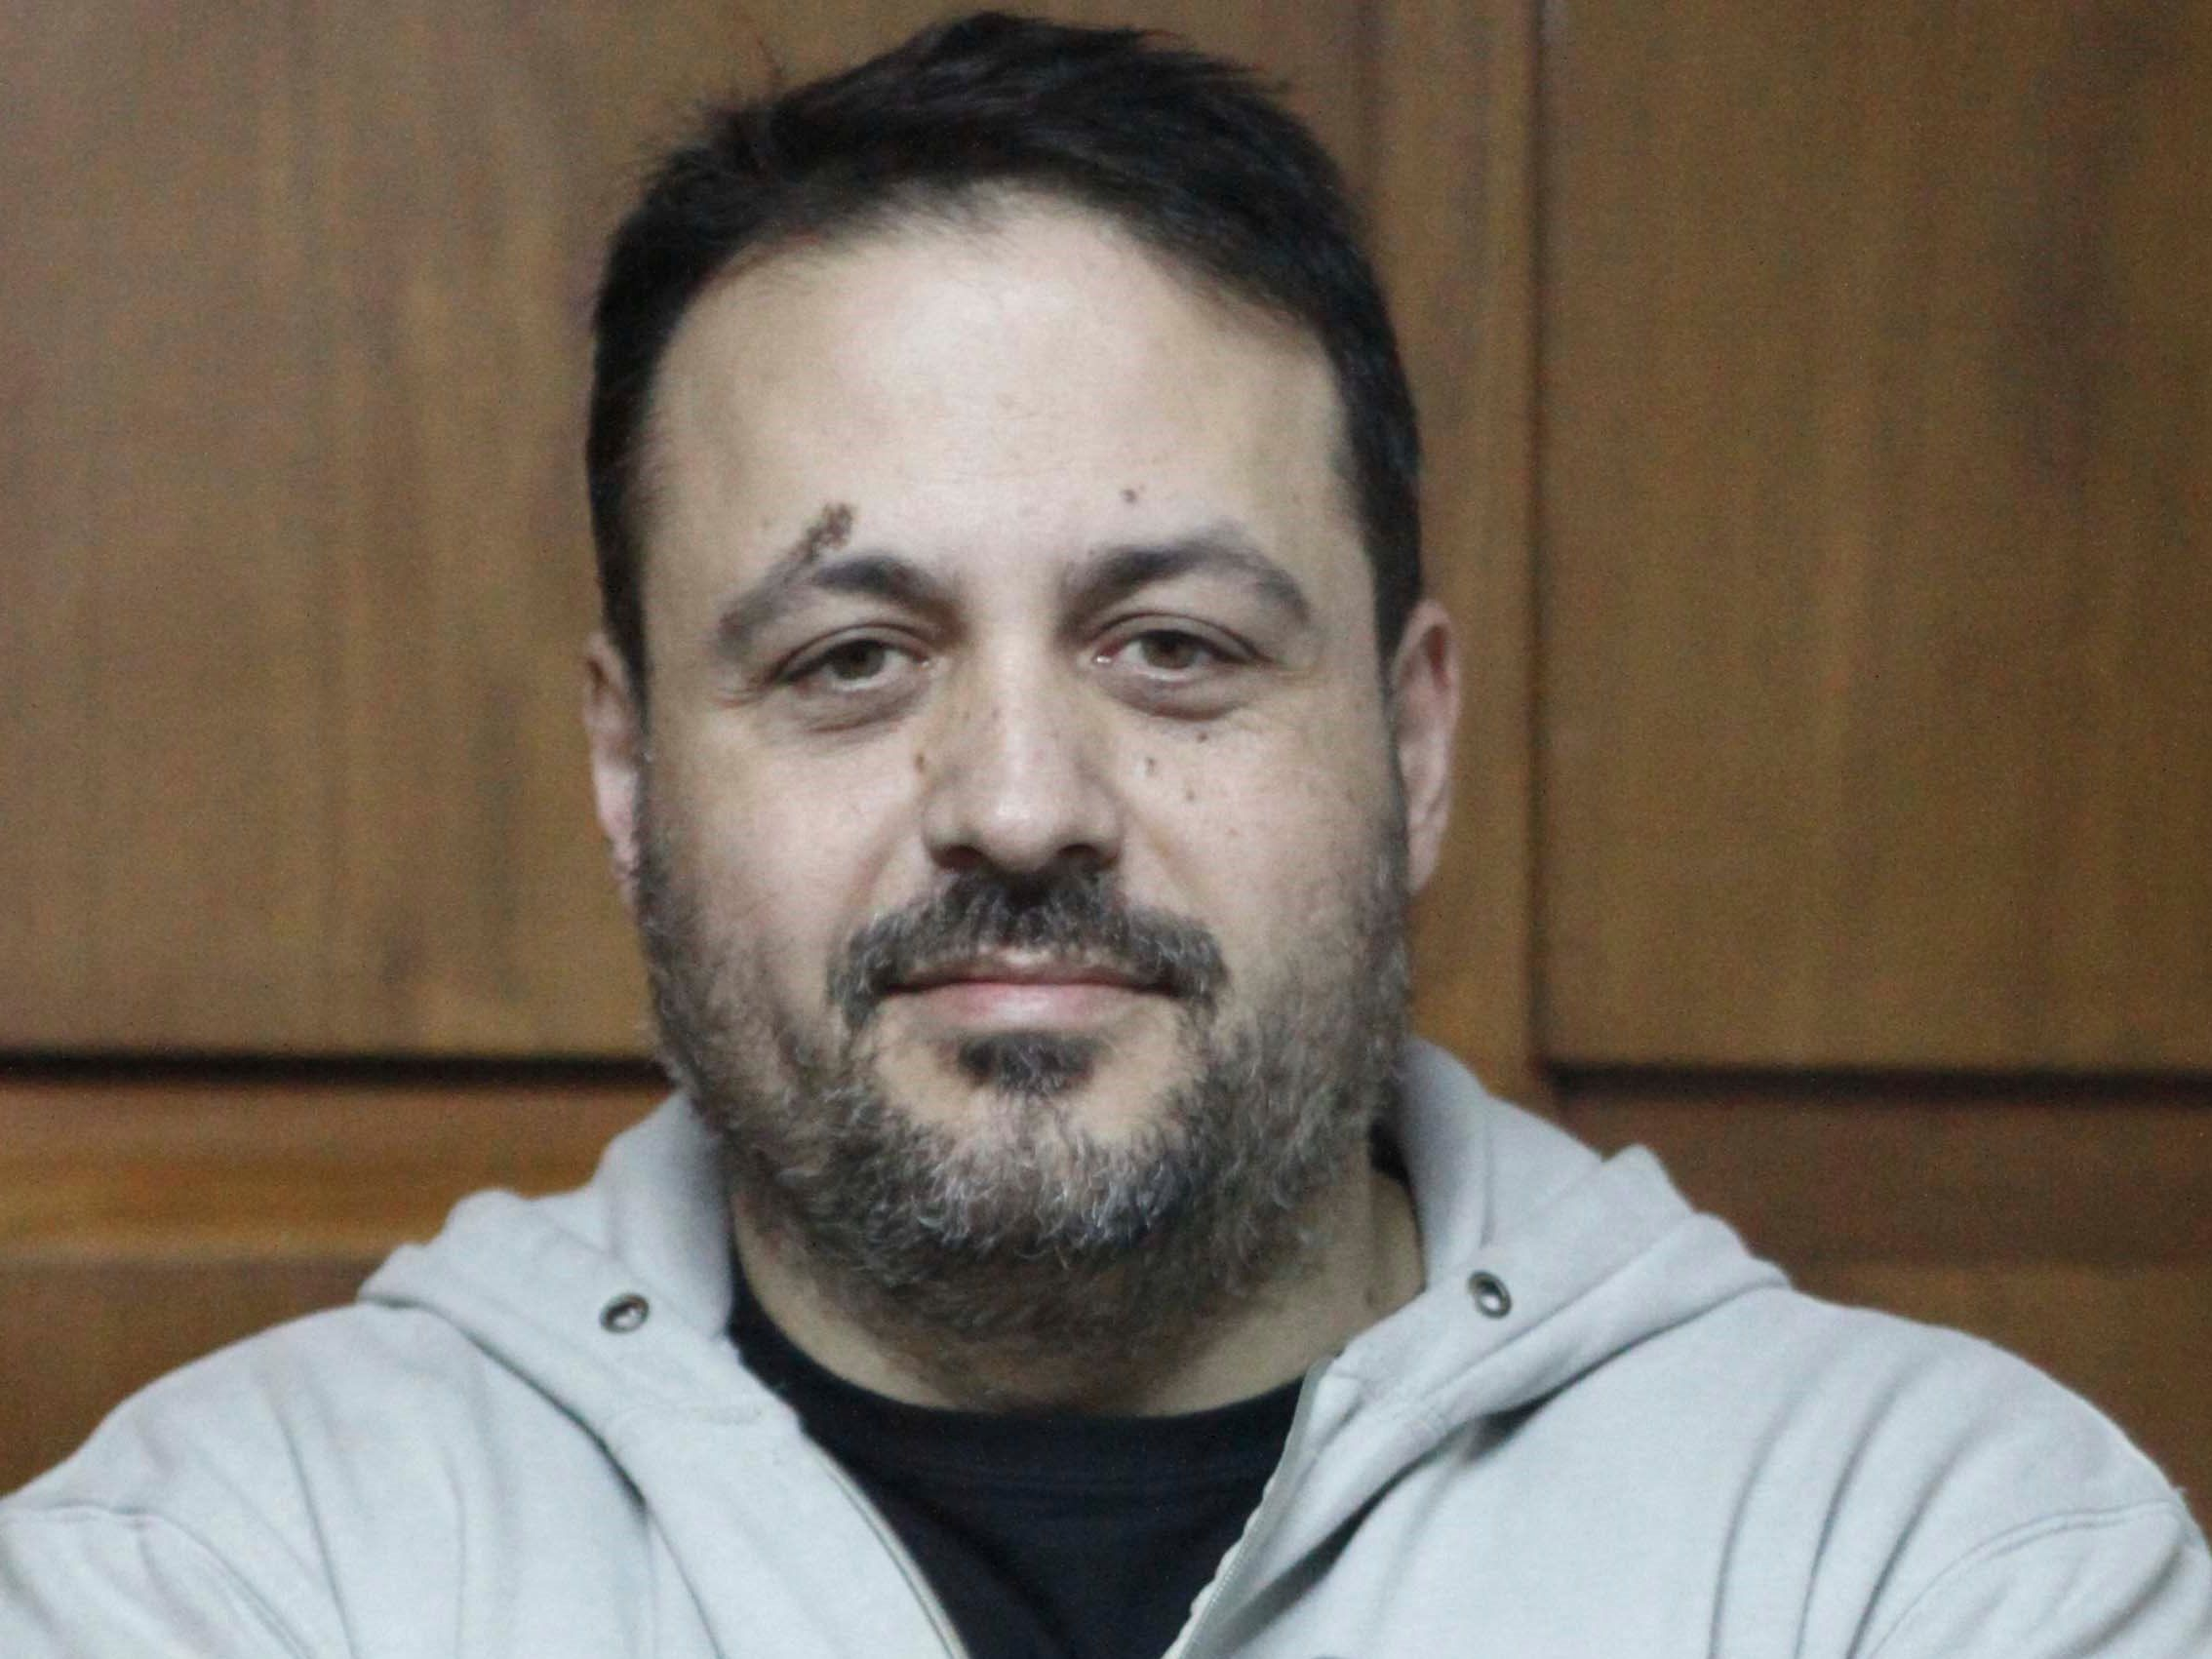 El dirigente de extrema derecha Carlos Pampillón habló sobre Santiago Maldonado